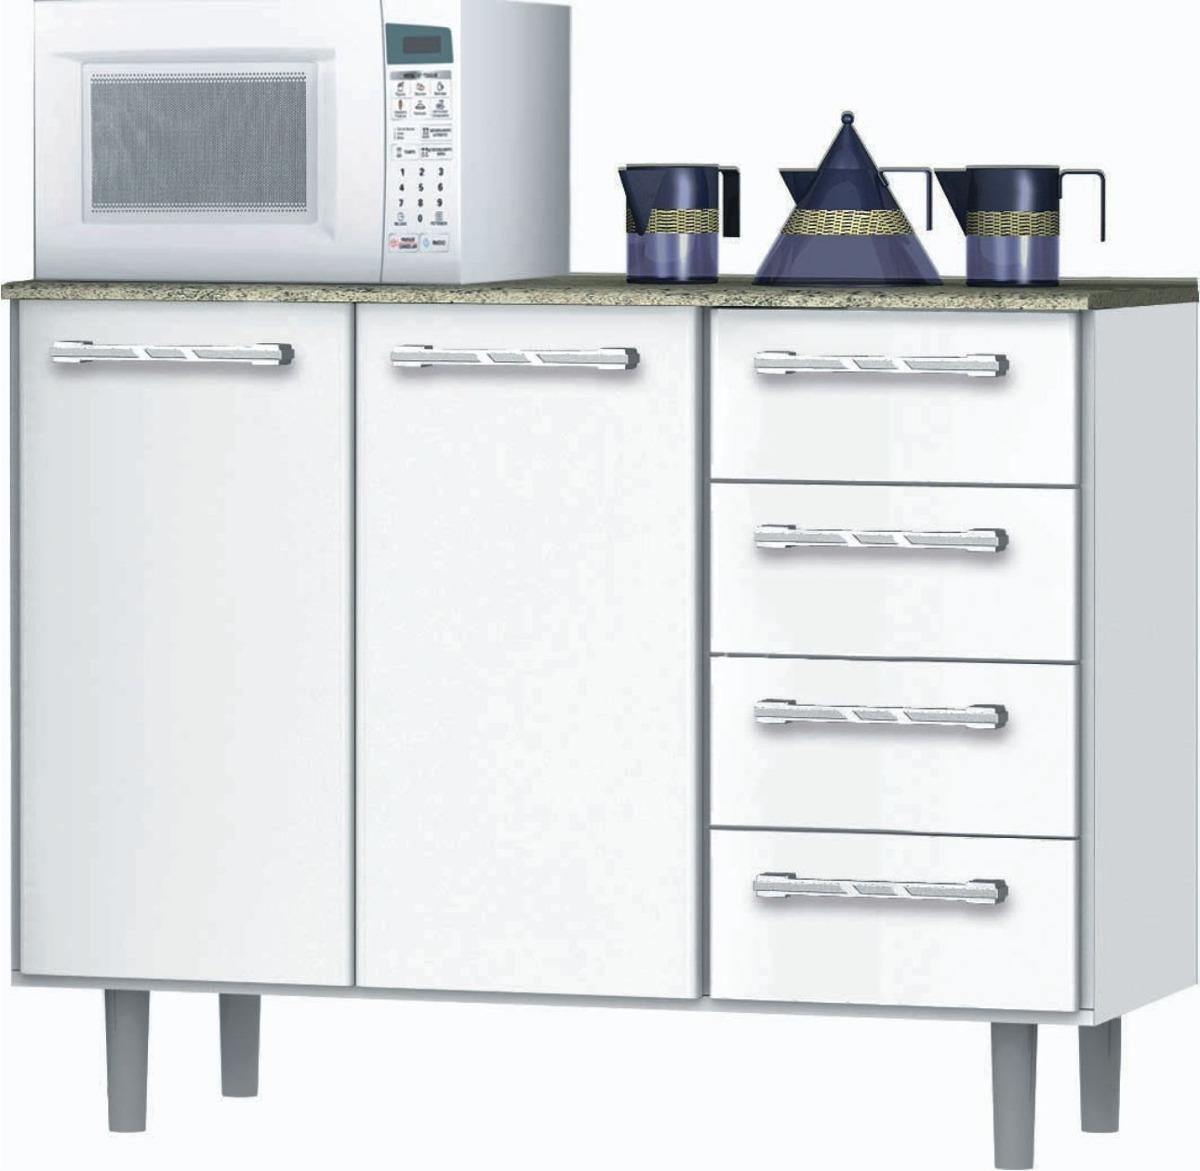 Mueble bajo de cocina s 350 00 en mercado libre for Ikea muebles cocina bajos